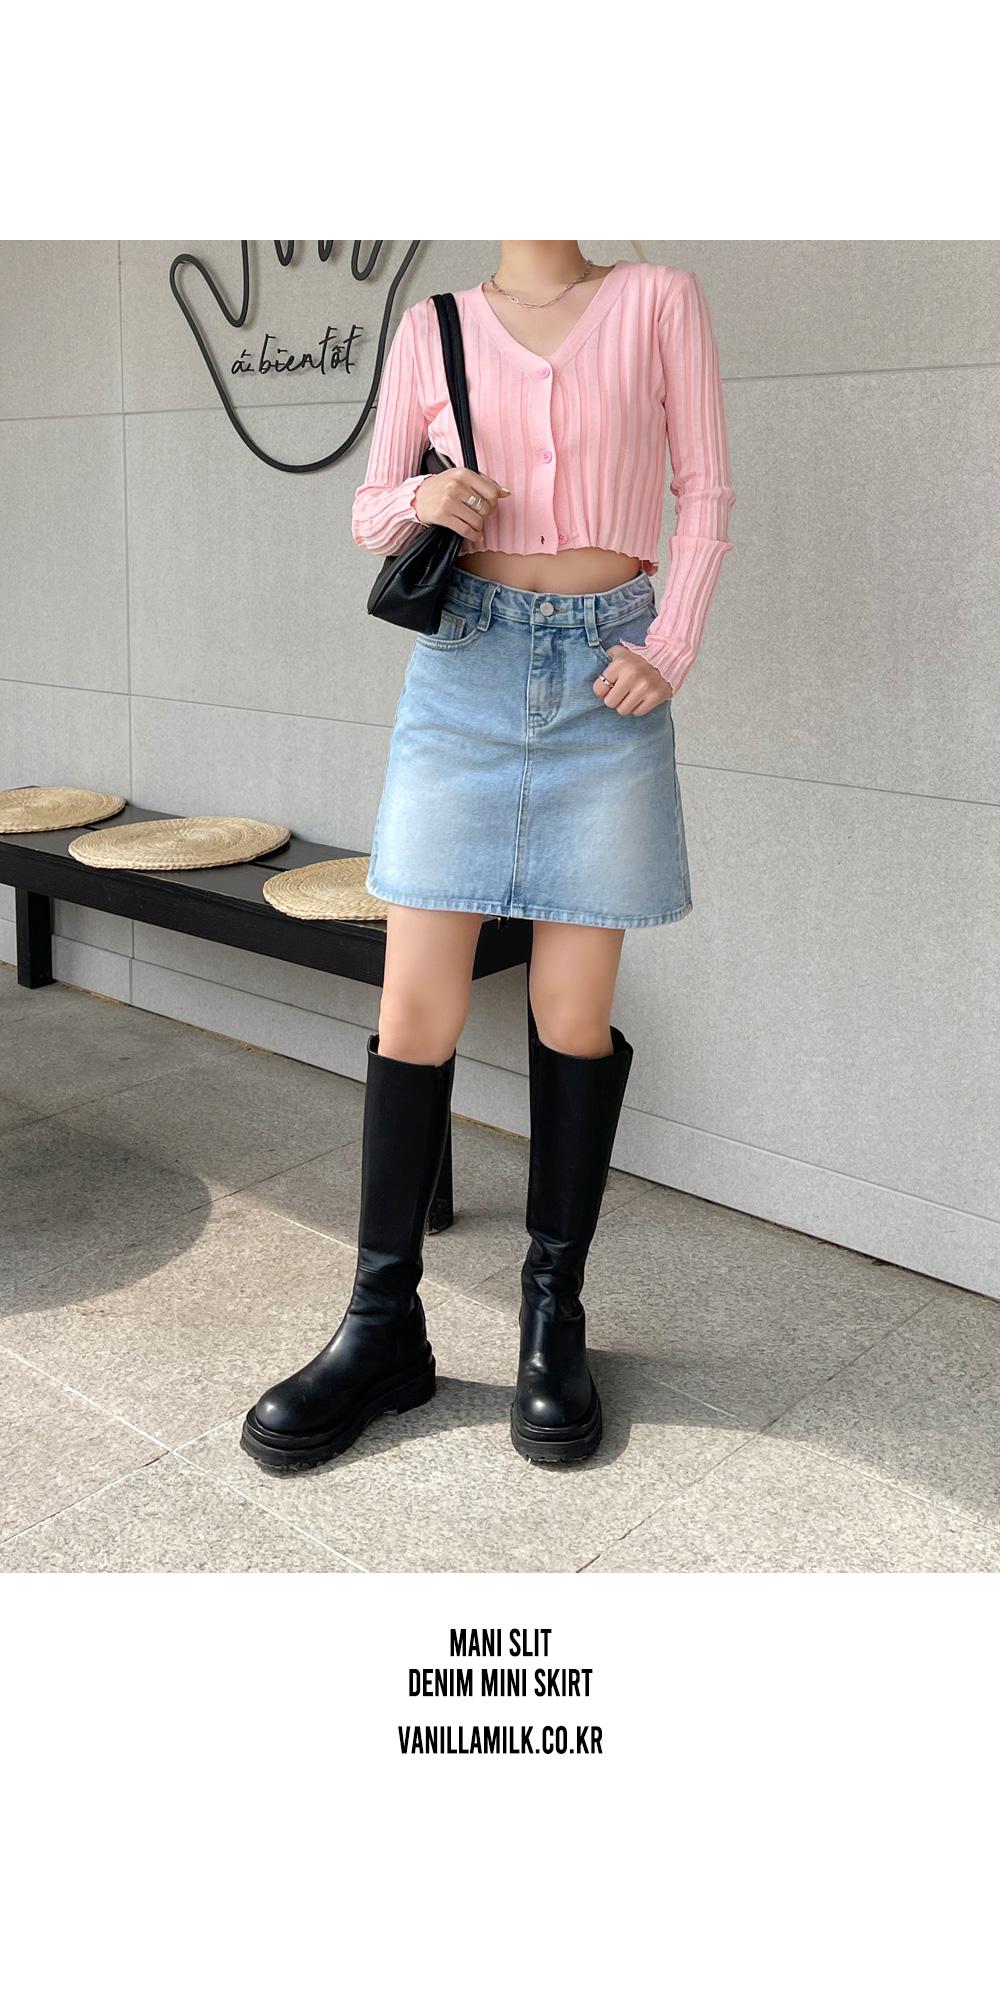 Men's split denim mini skirt